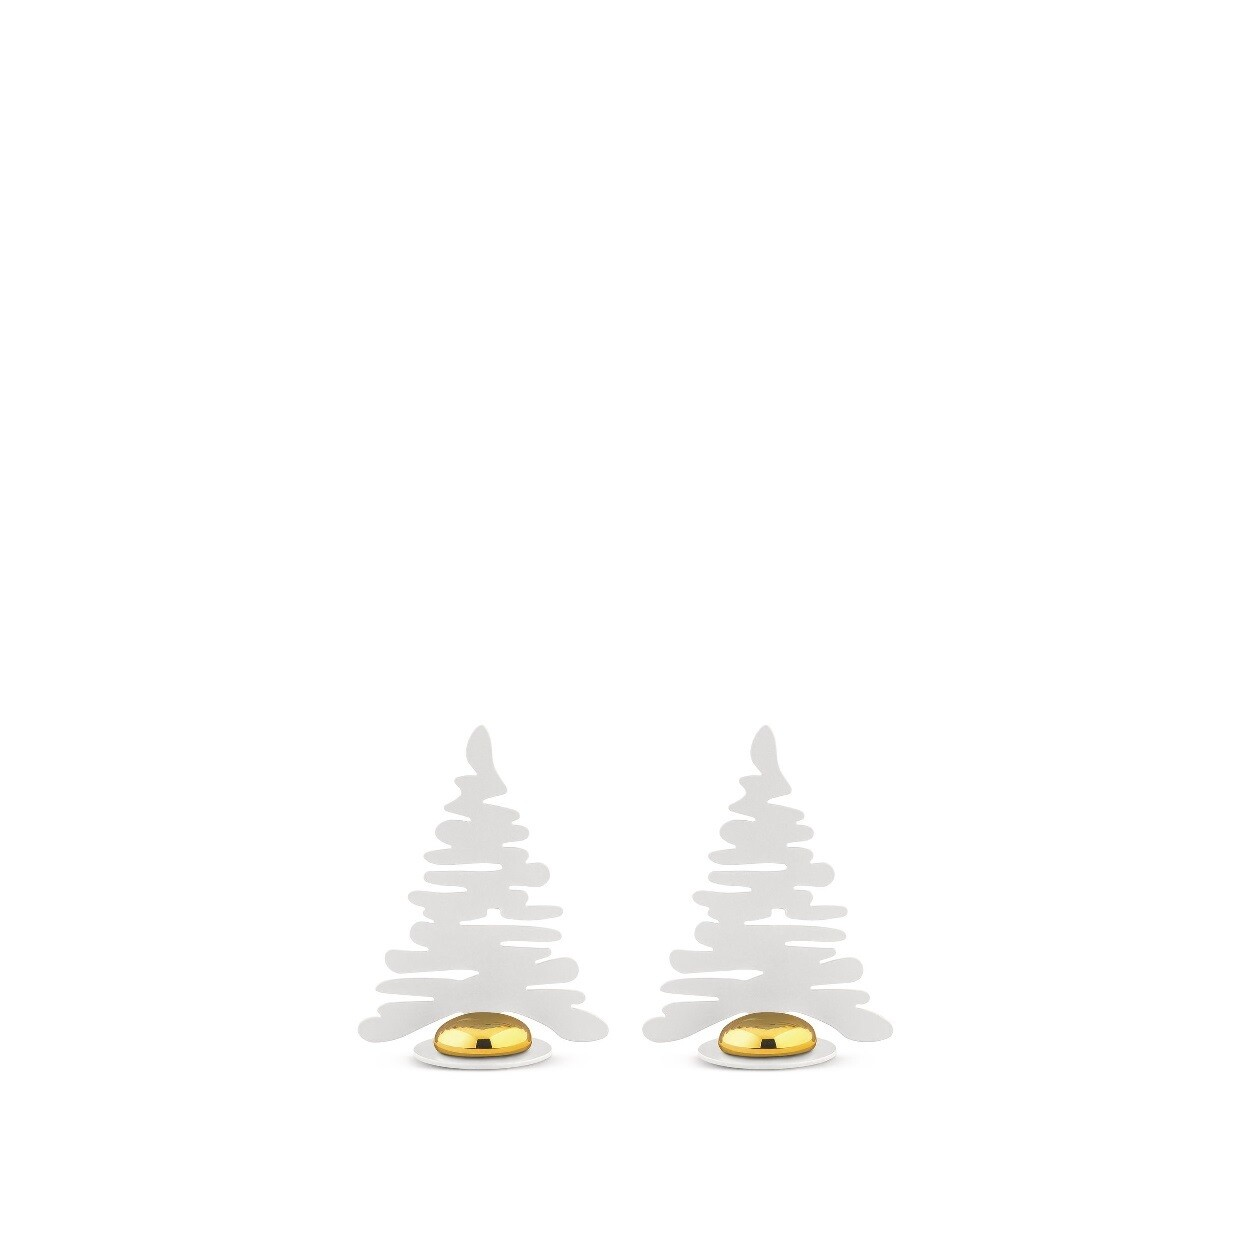 ALESSI 'bark for christmas' set/2 naam- of fotohouders wit met vergulde magneet